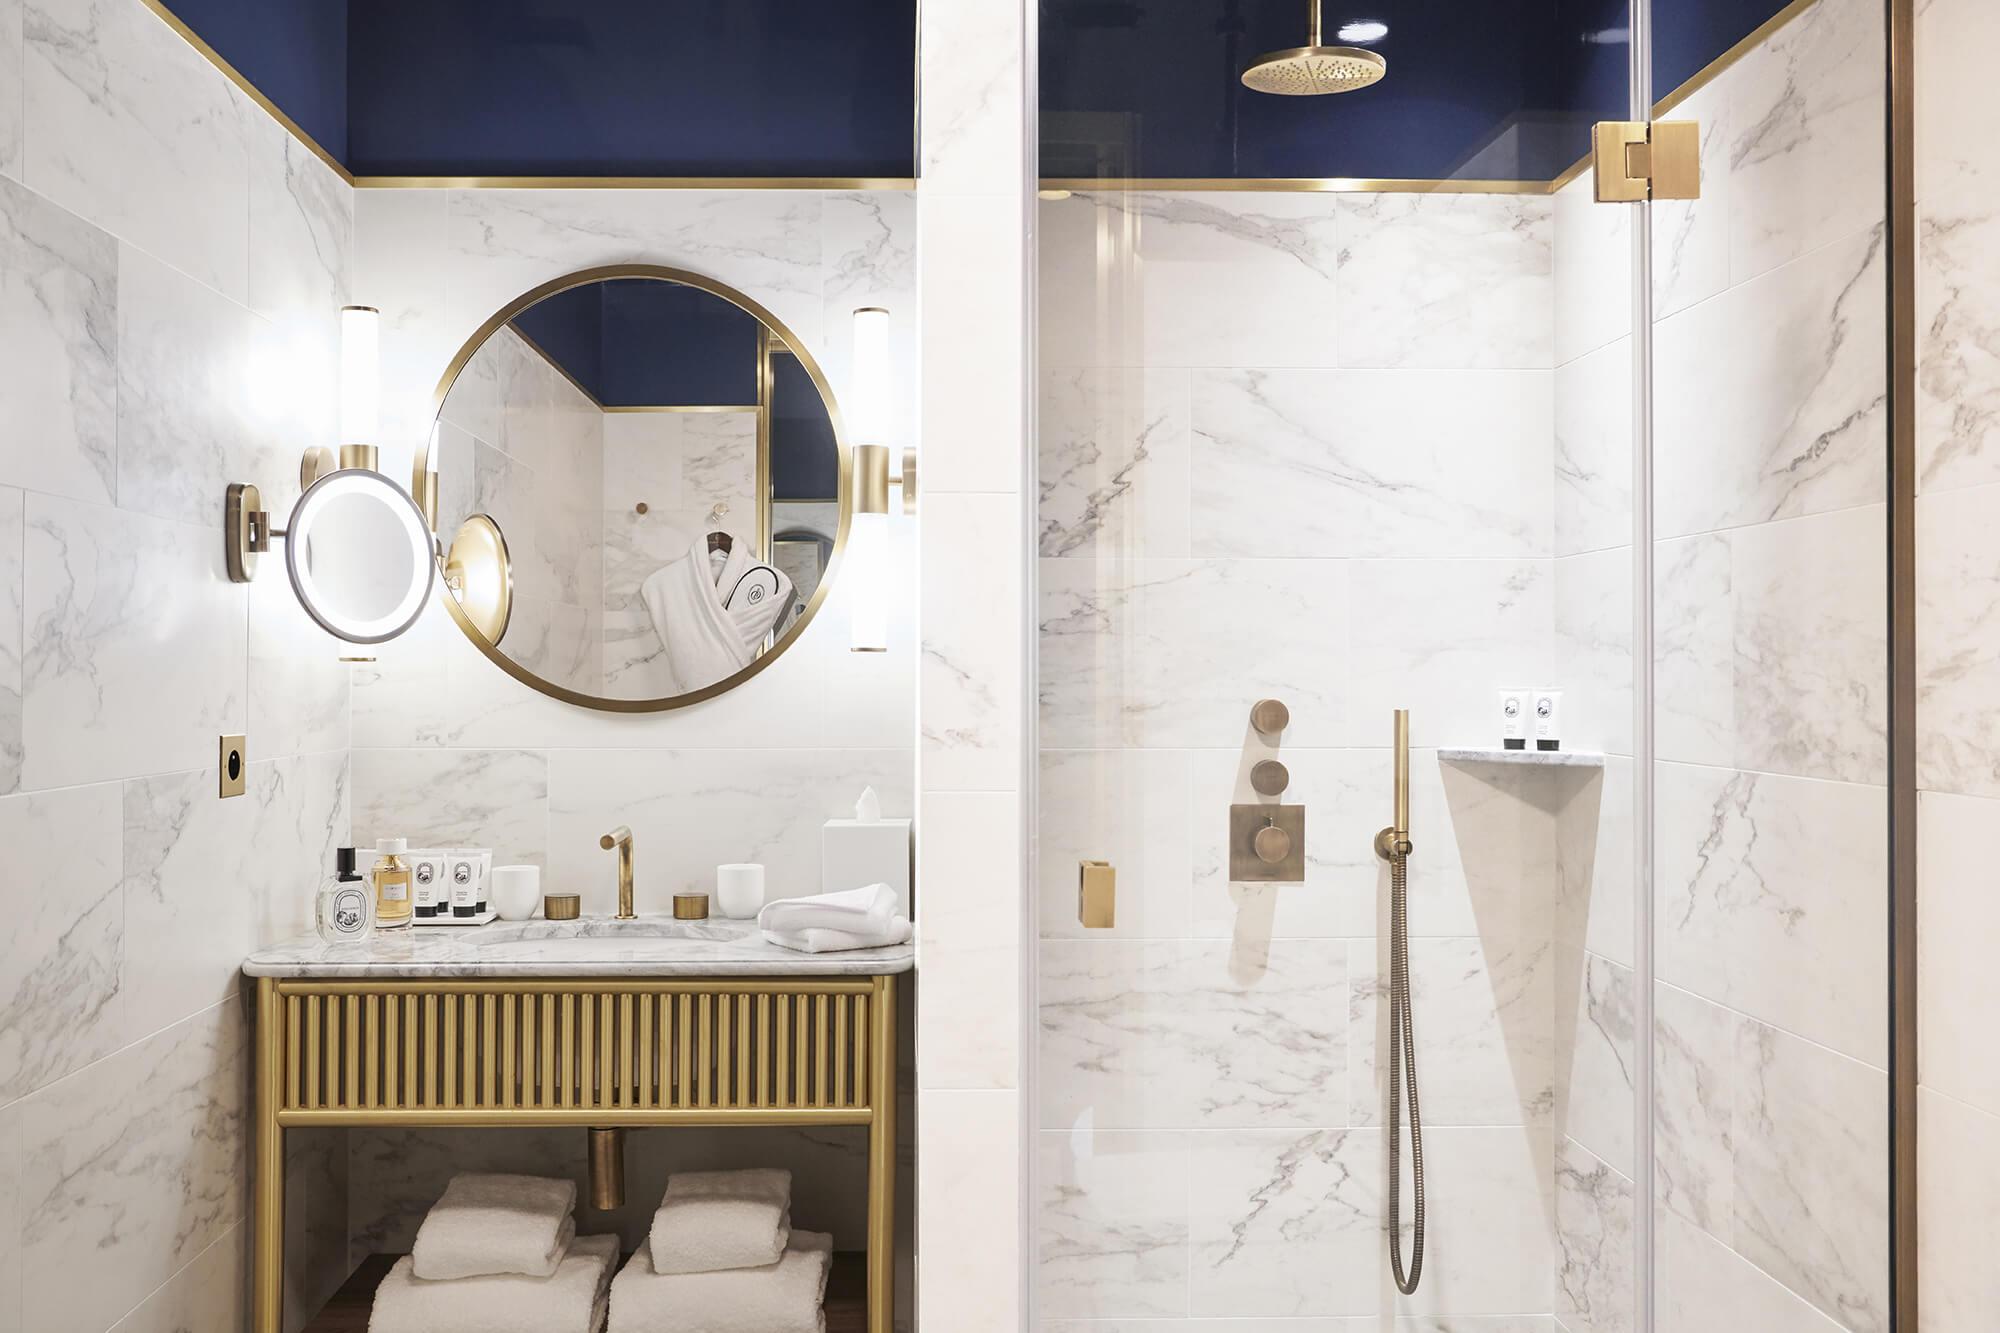 Chambres et suites  Htel Grand Powers Htel 5 toiles de luxe Paris Champs Elysees et George V